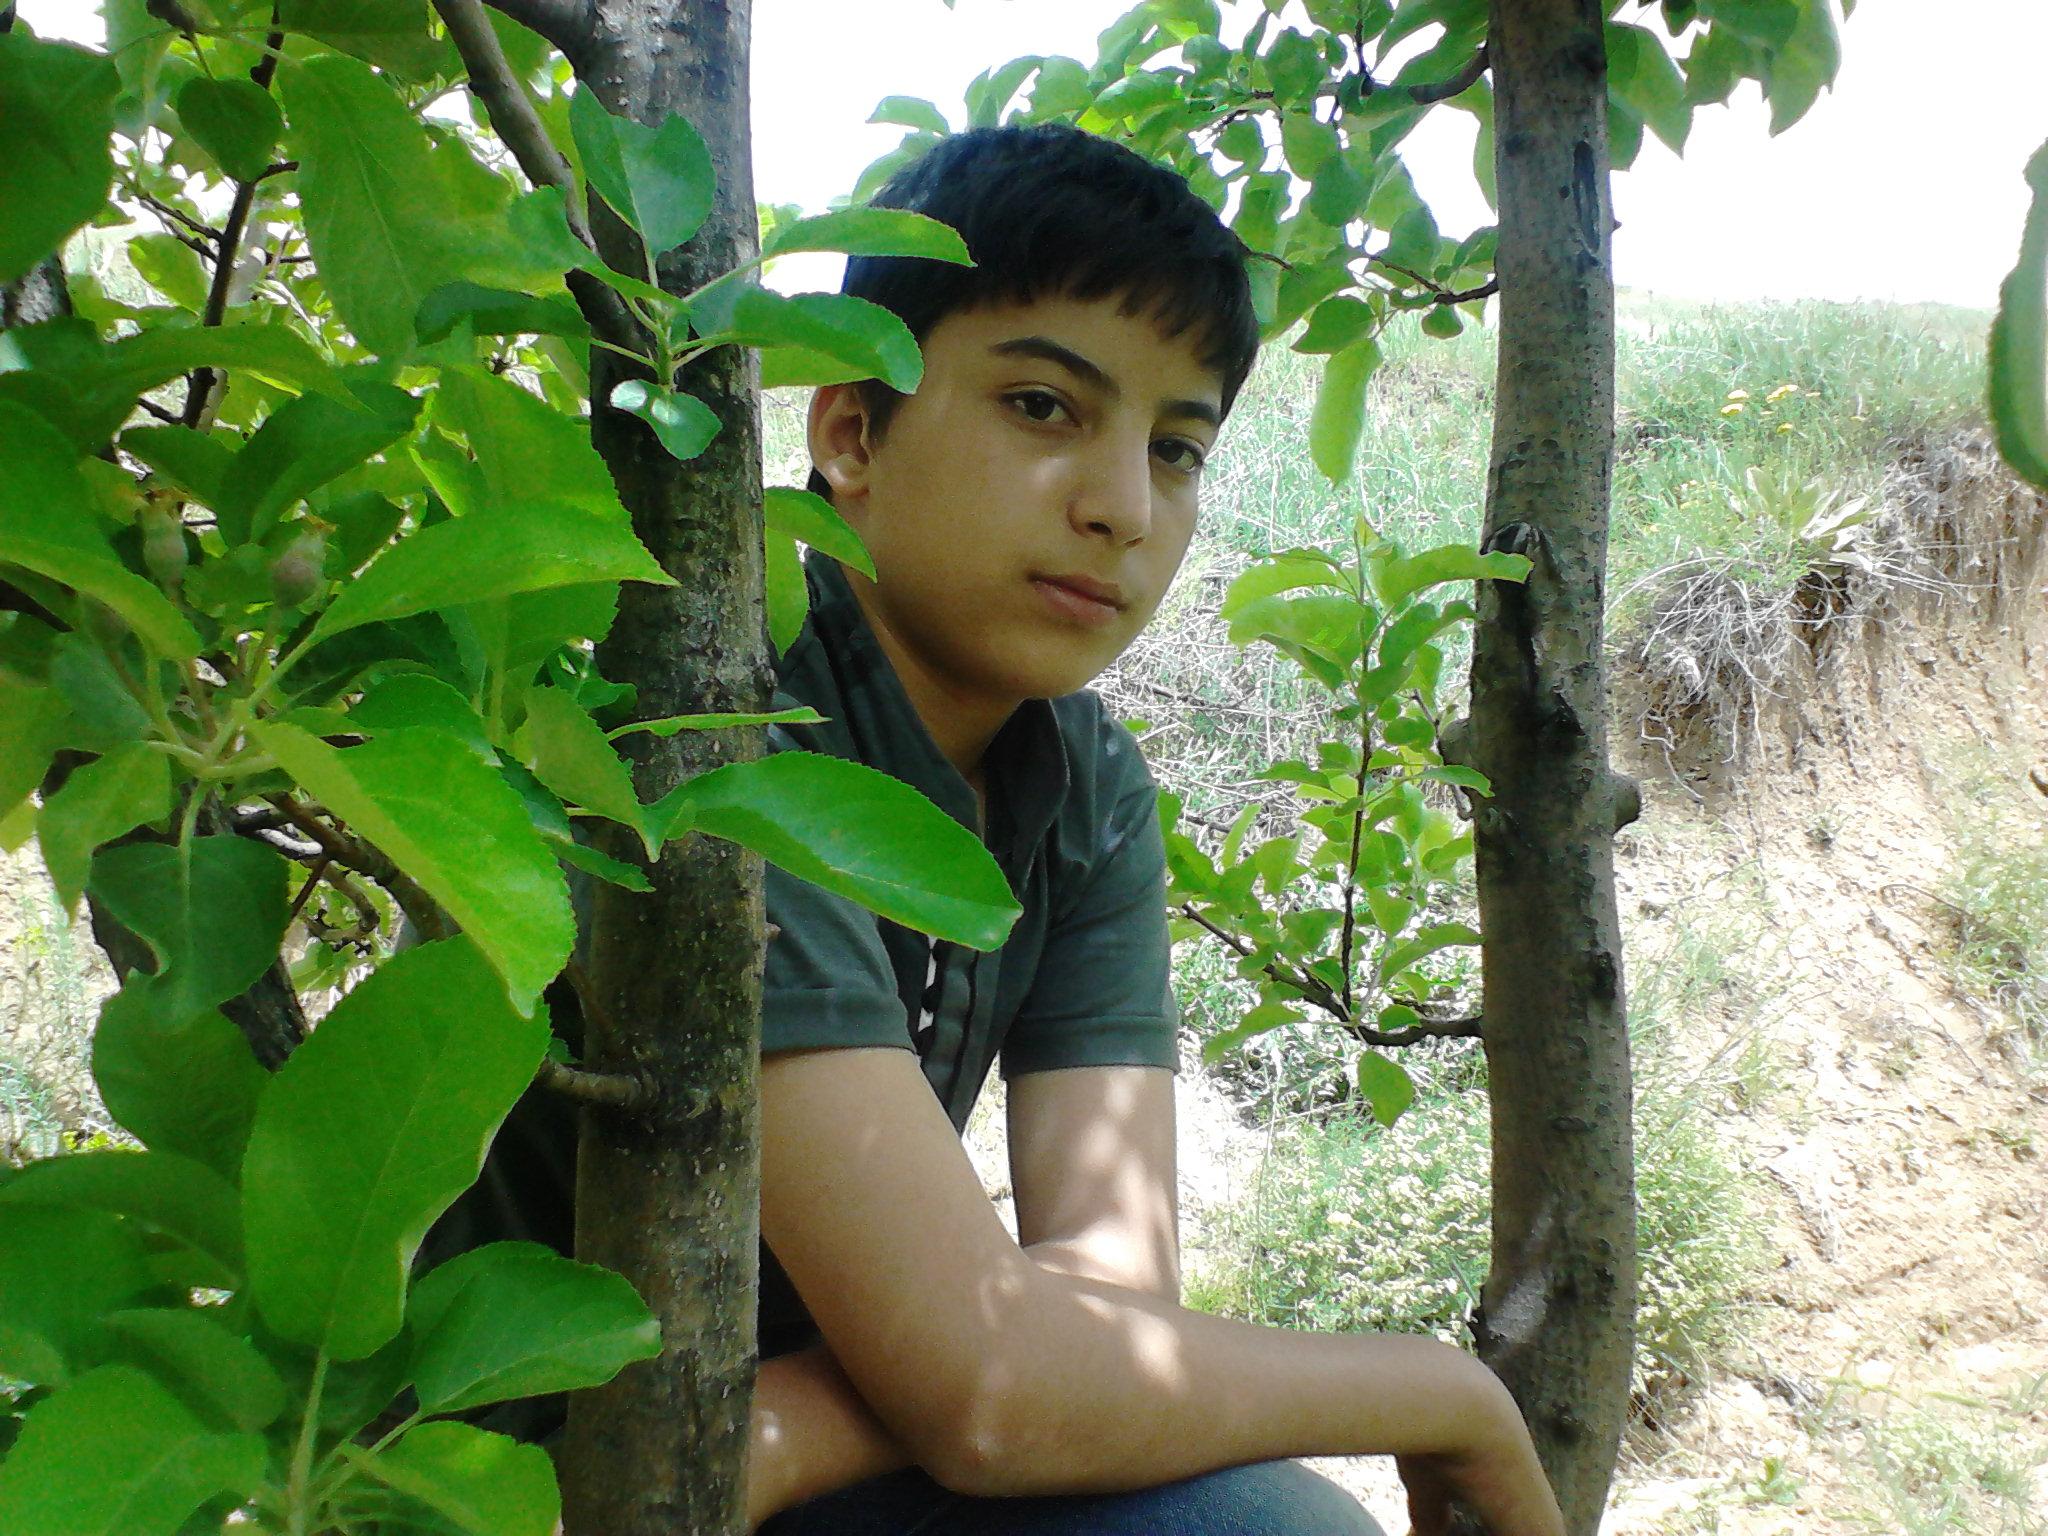 محمدرضا علیپور(نویسنده وبلاگ) درباغ پدربزرگش است.